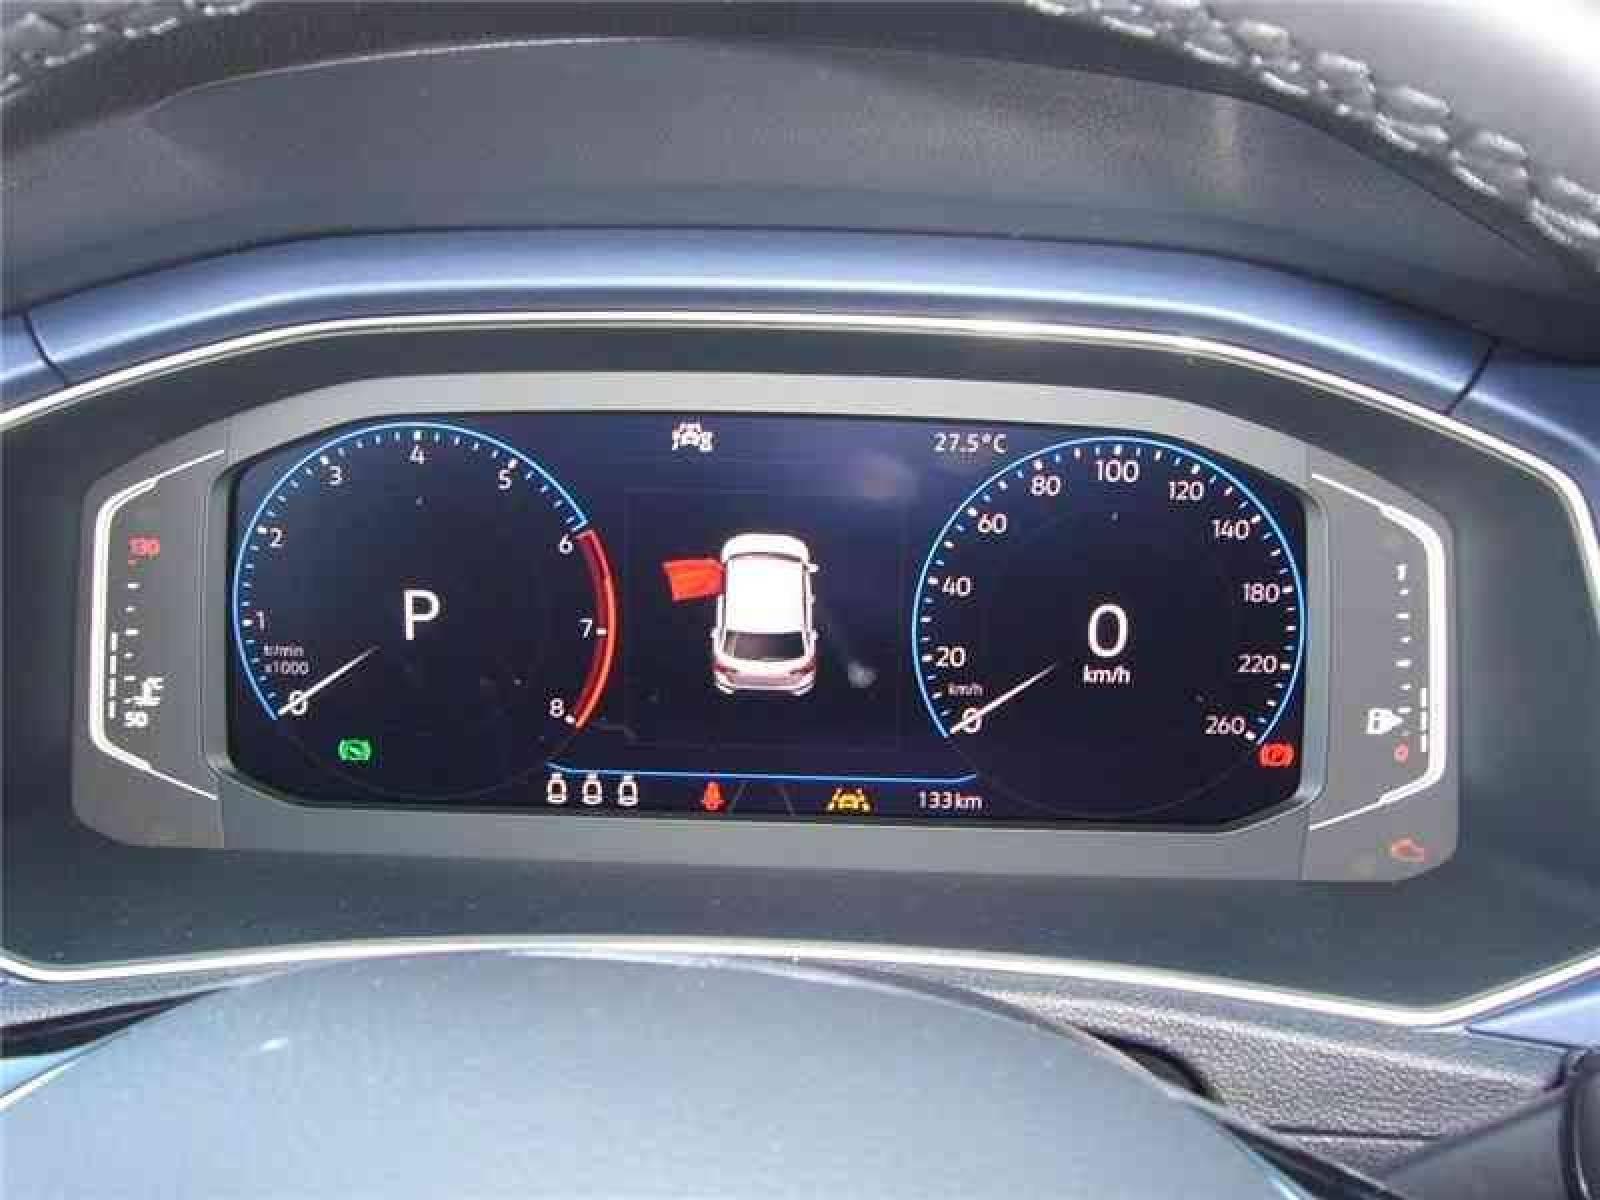 VOLKSWAGEN T-Roc 1.5 TSI 150 EVO Start/Stop DSG7 - véhicule d'occasion - LEMAUVIEL AUTOMOBILES - Présentation site web V2 - Lemauviel automobiles - AVRANCHES - 50300 - LE VAL-SAINT-PÈRE - 12